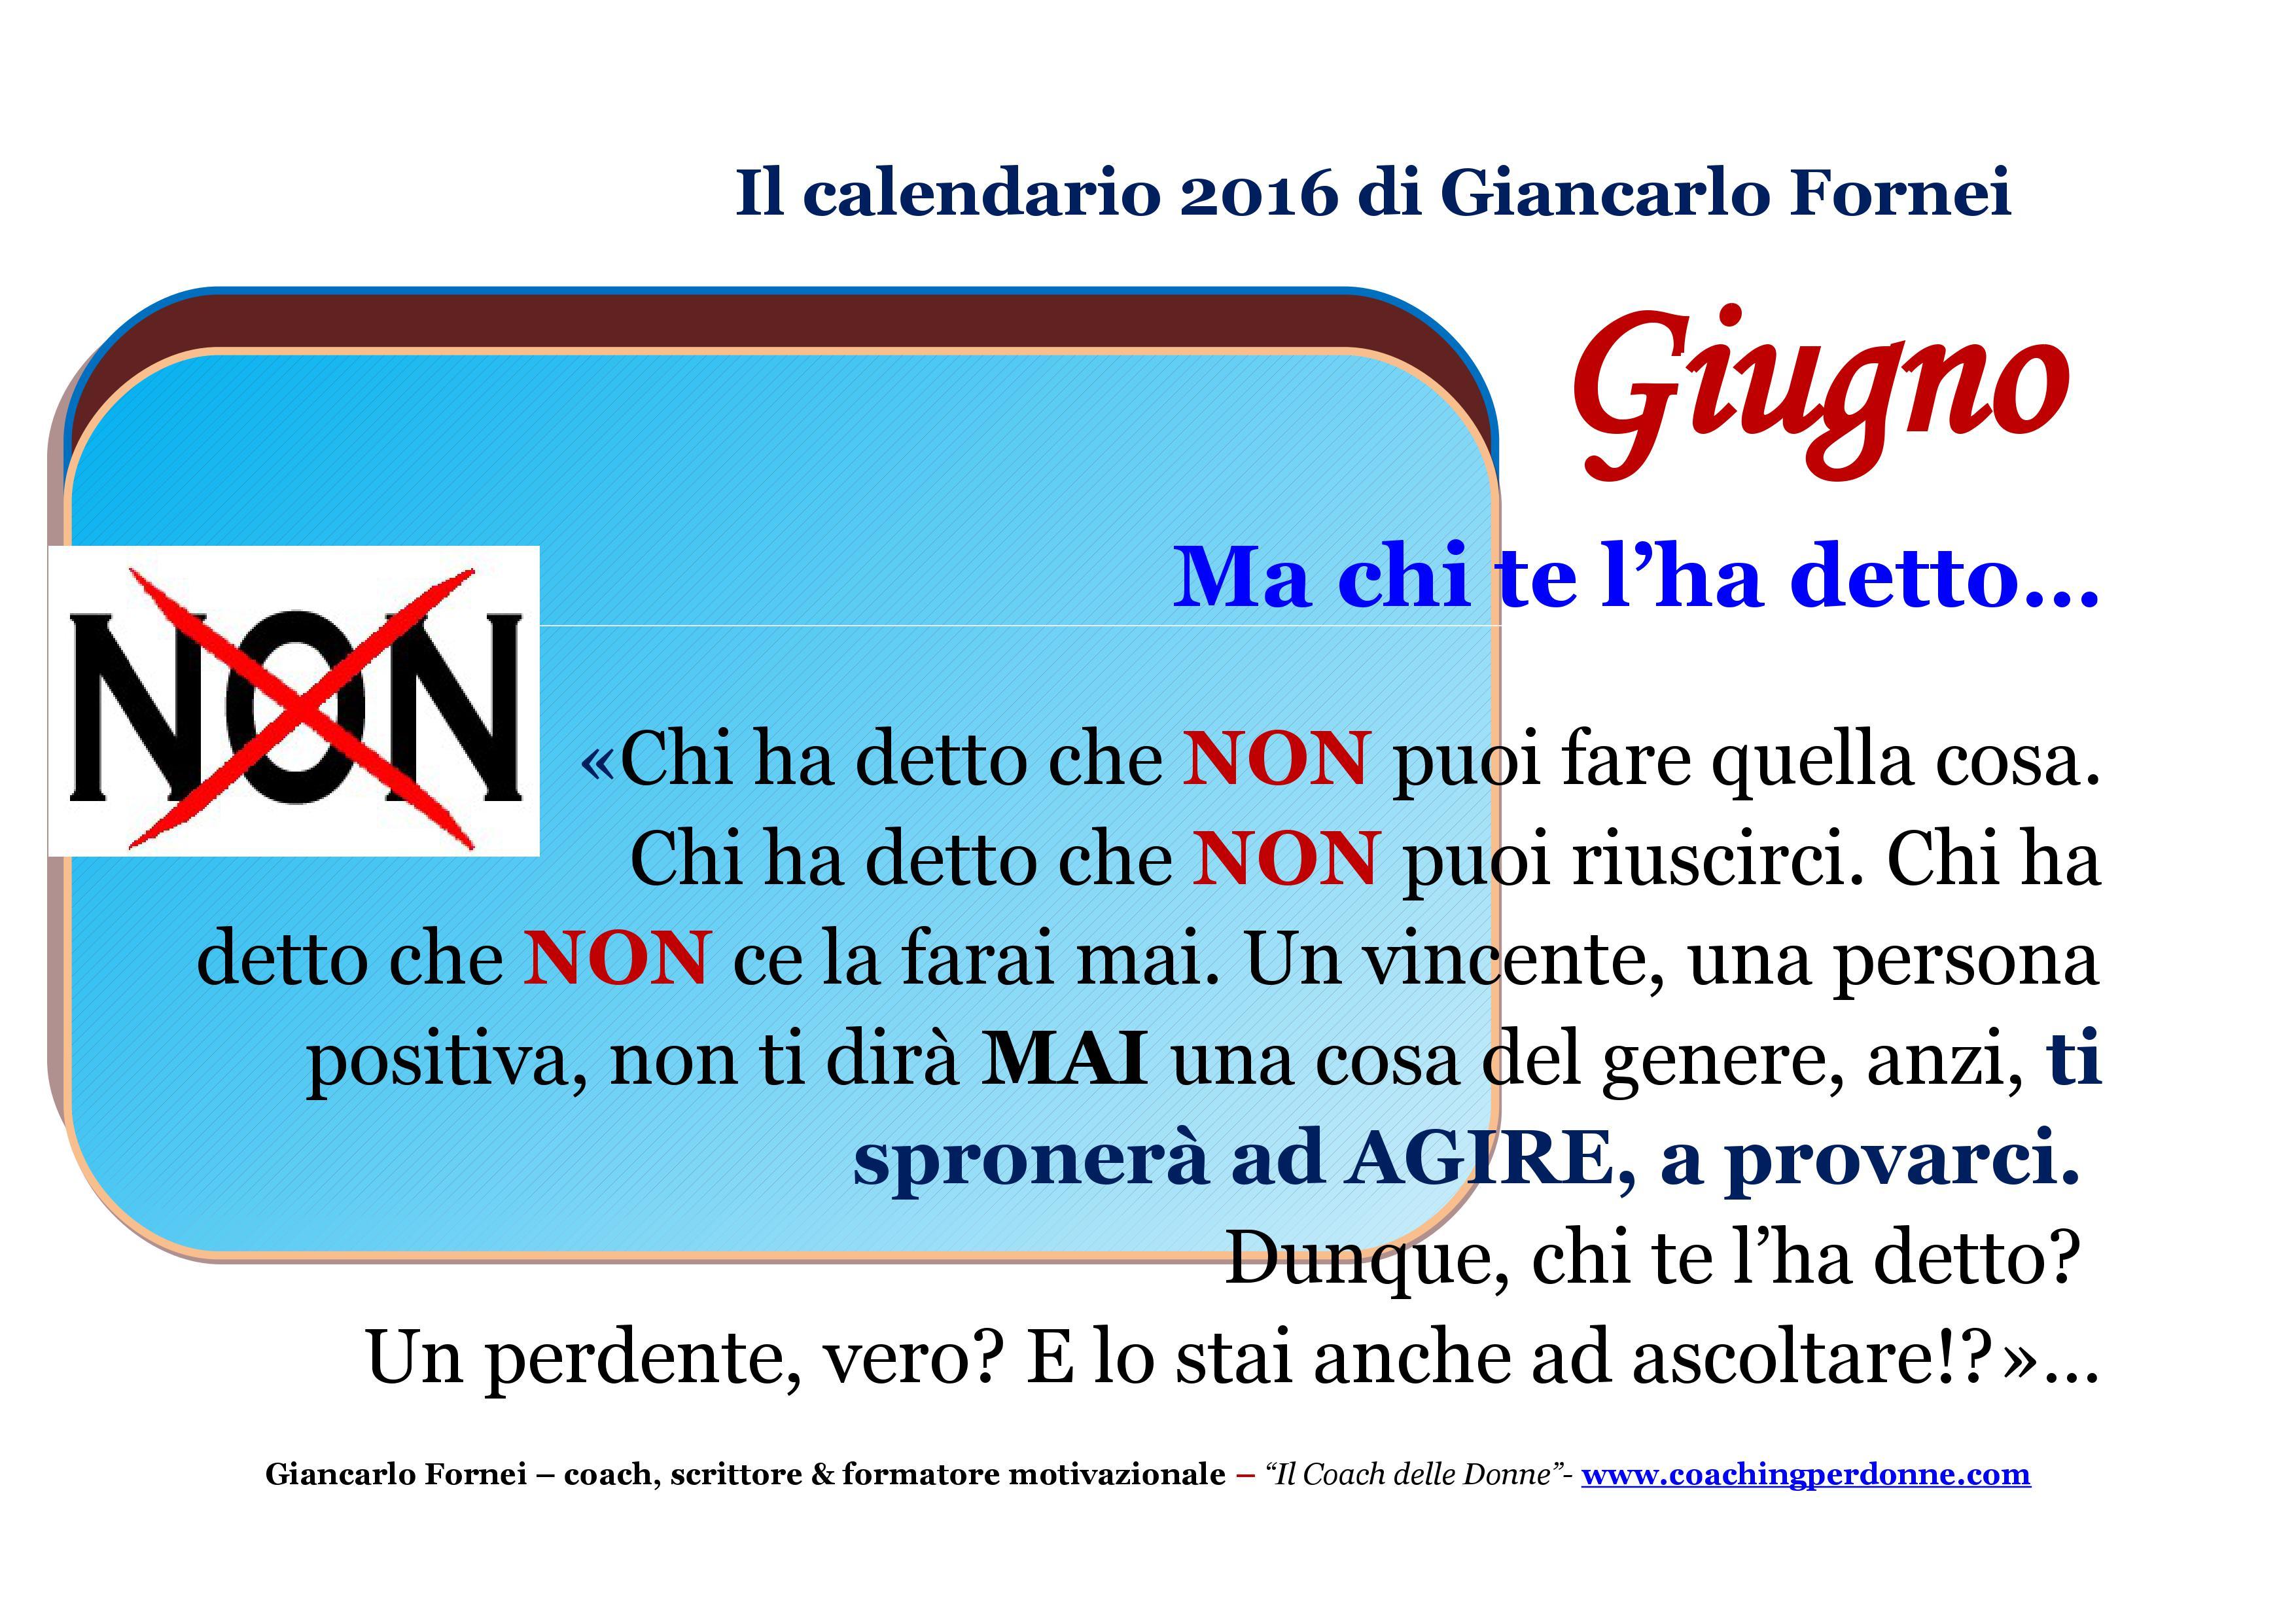 Ma chi te l'ha detto - giugno - il calendario motivaizonale 2016 del coach Giancarlo Fornei